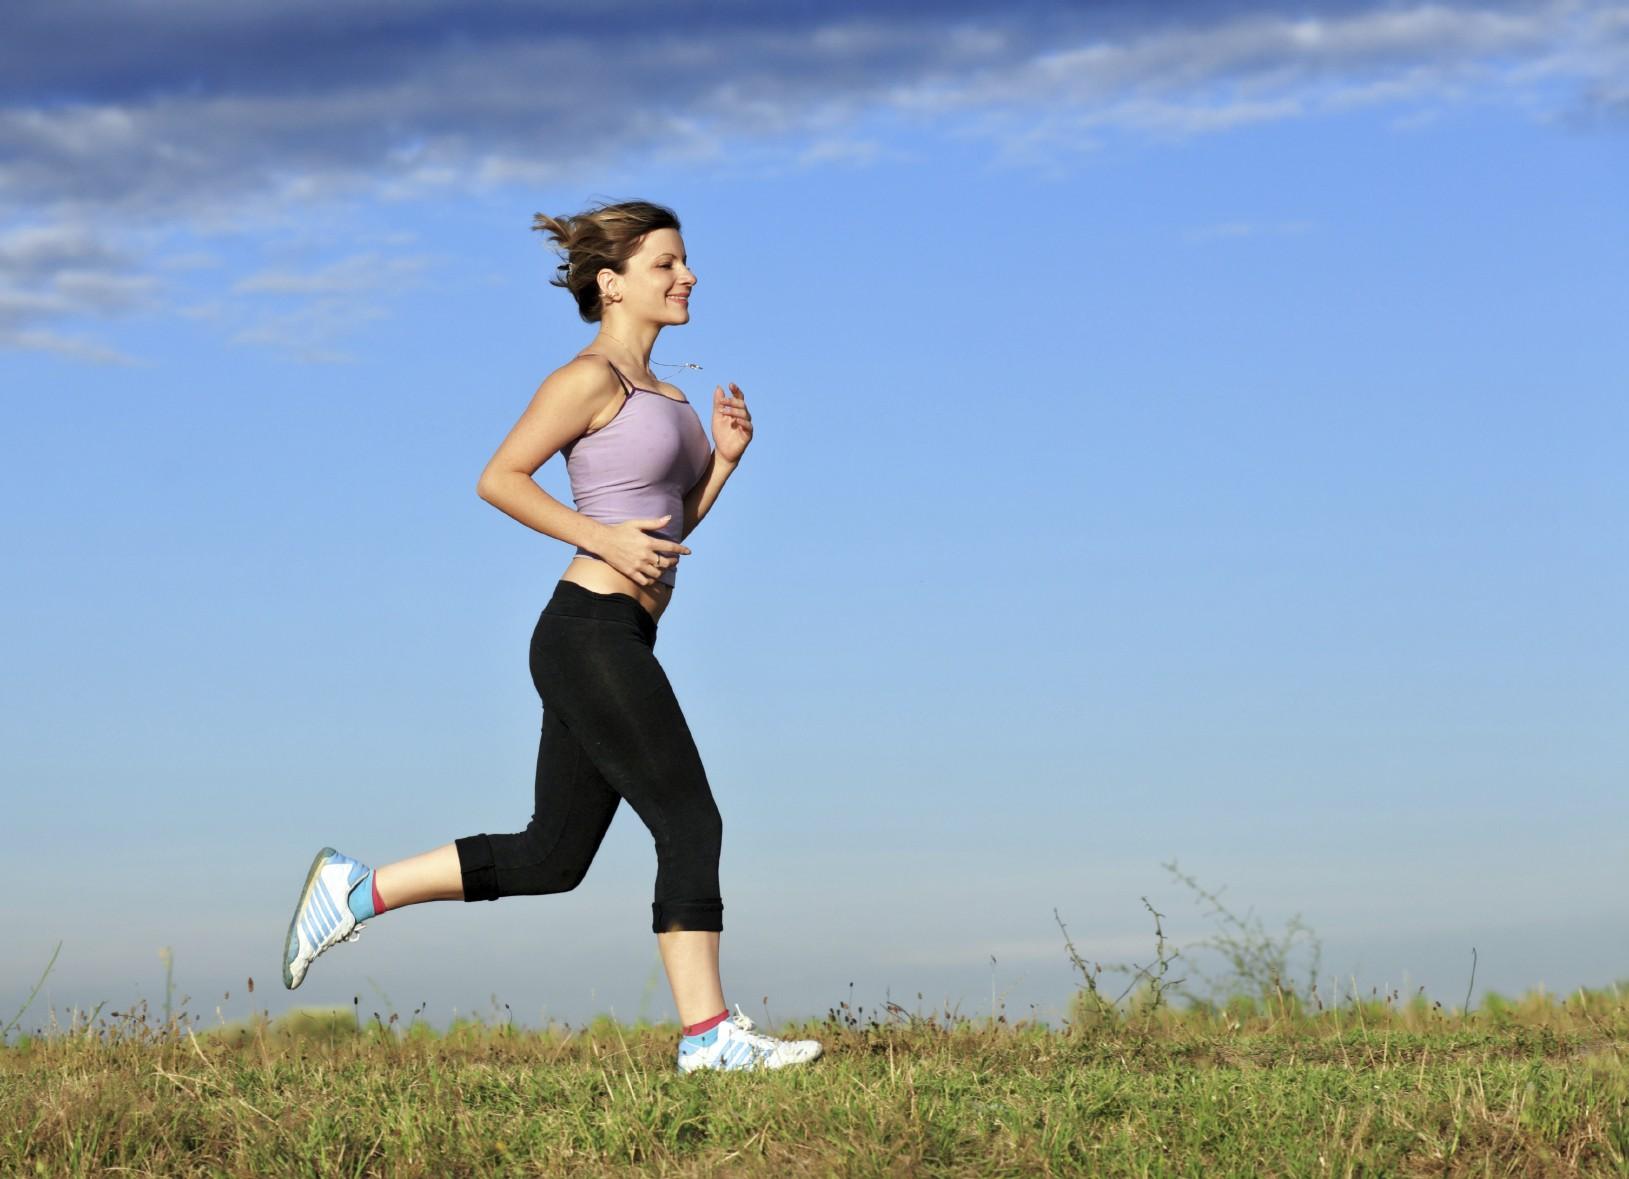 gyógyítható-e a magas vérnyomás futással)